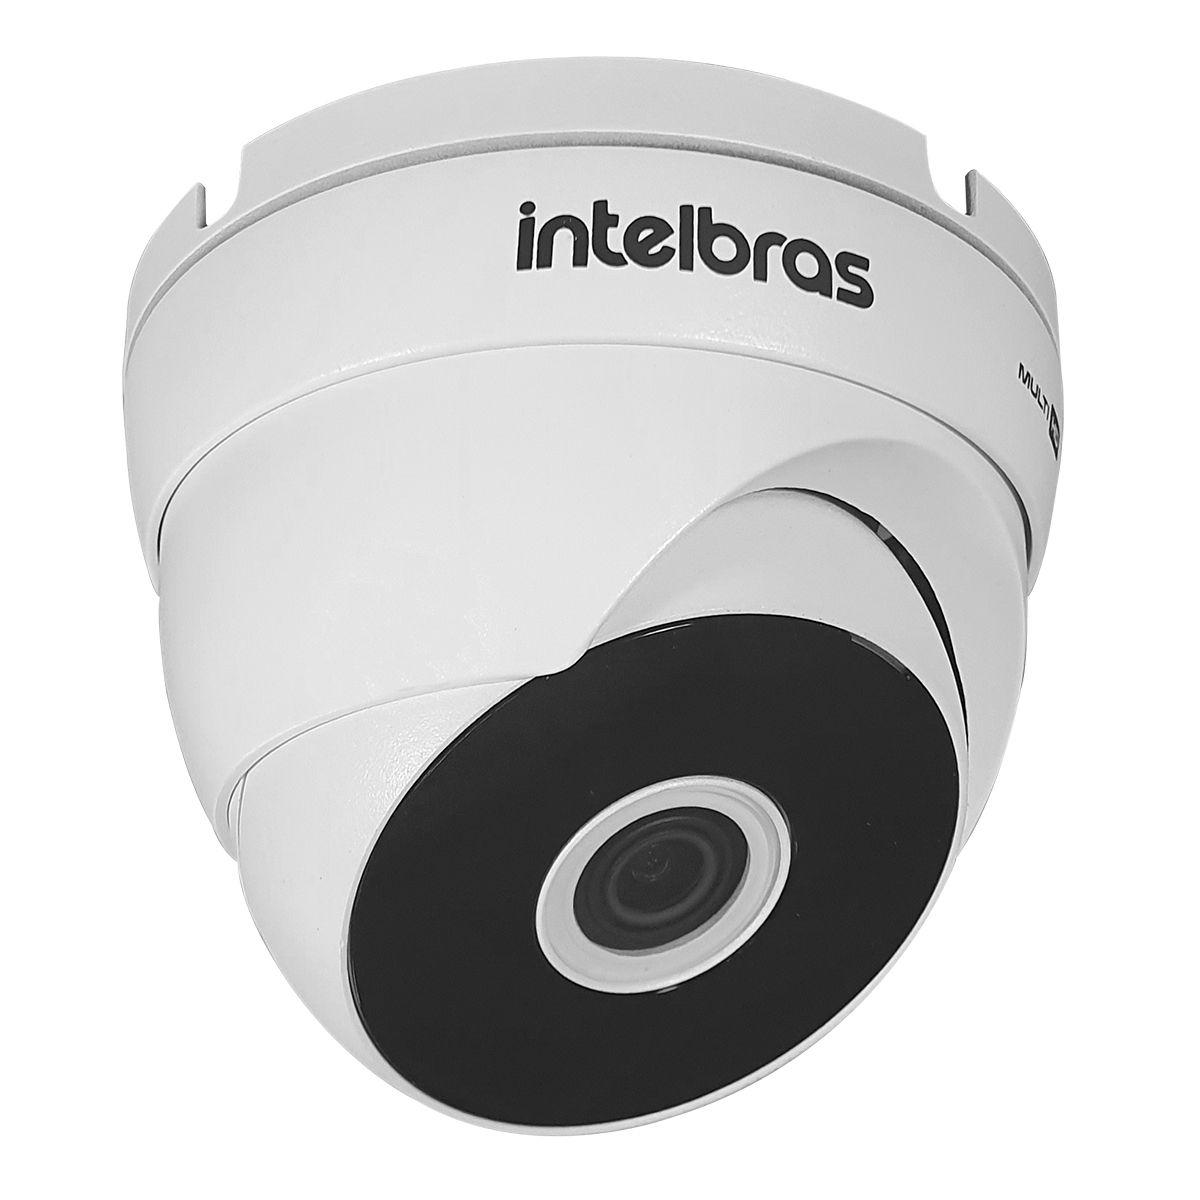 Câmera HD 720p Intelbras VHD 3120 D G5 20m de Infravermelho Dome Resistente à Chuva IP66  - Tudo Forte